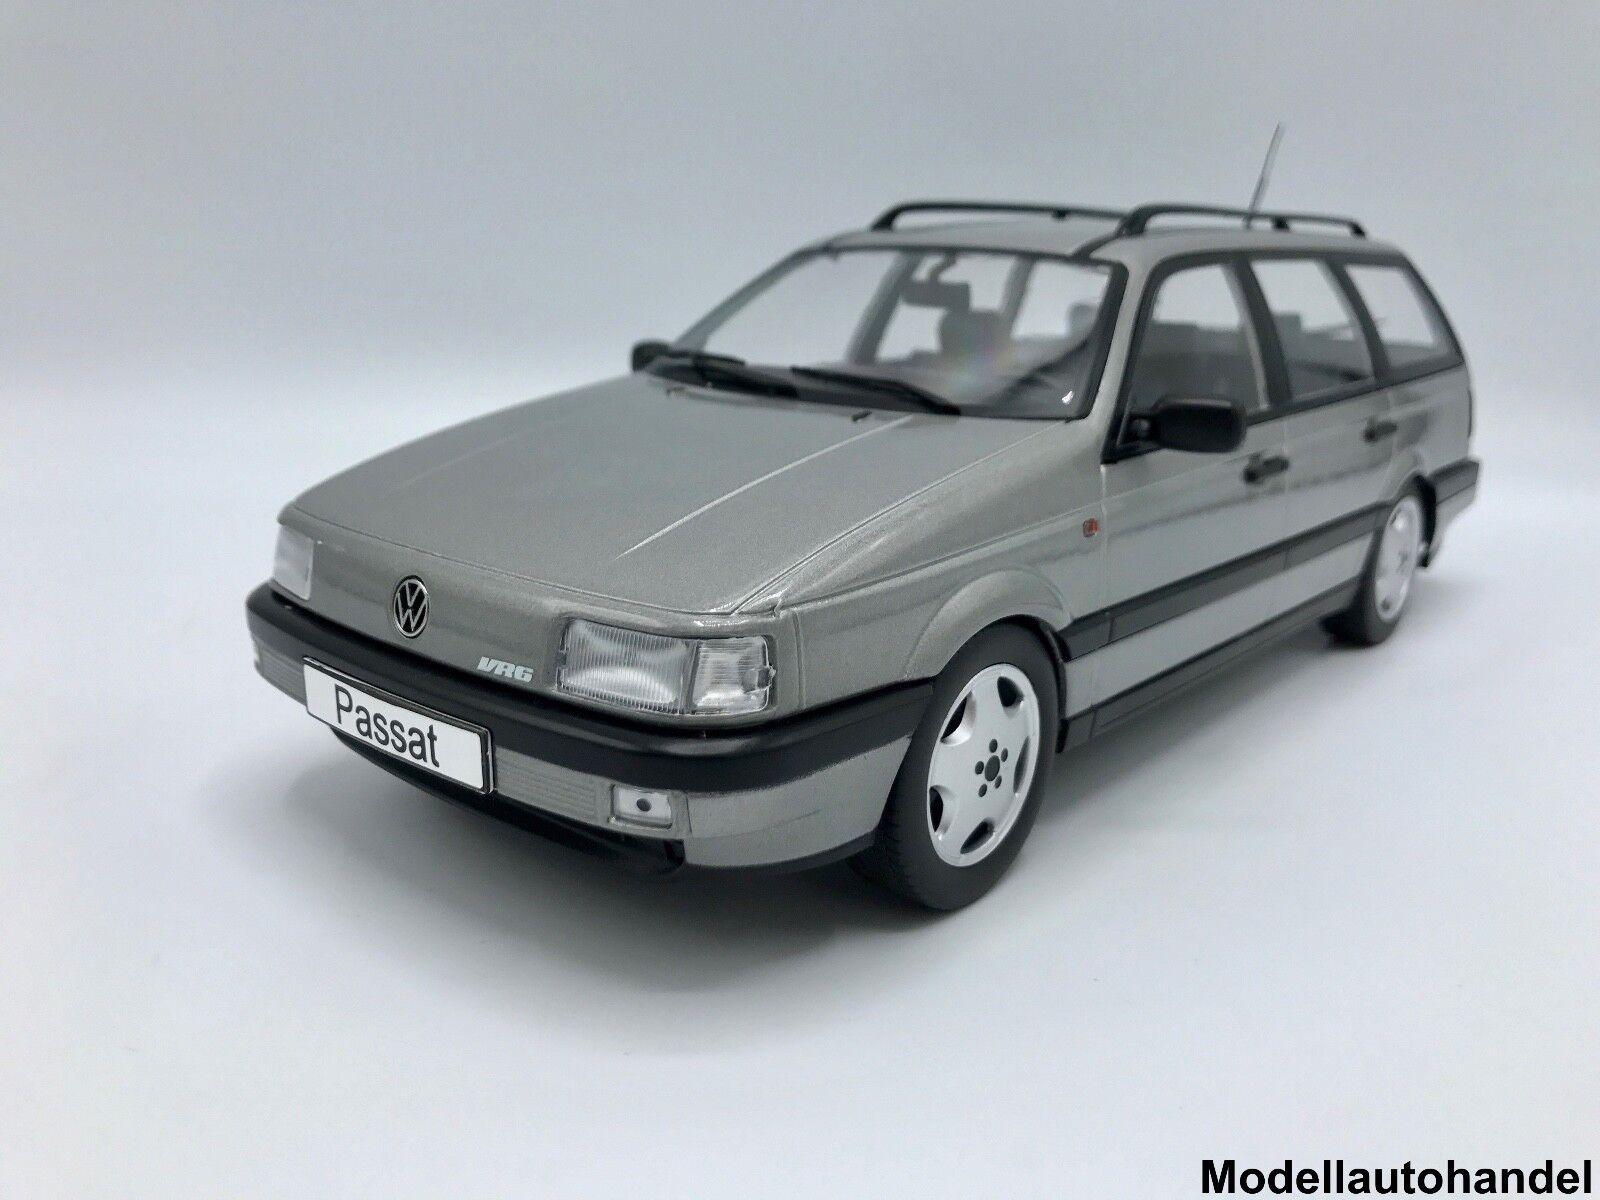 VW Volkswagen Passat B3 VR6 VR6 VR6 Variant 1988 - metallic-grau - 1 18 KK-Scale  | Online Kaufen  adbb31